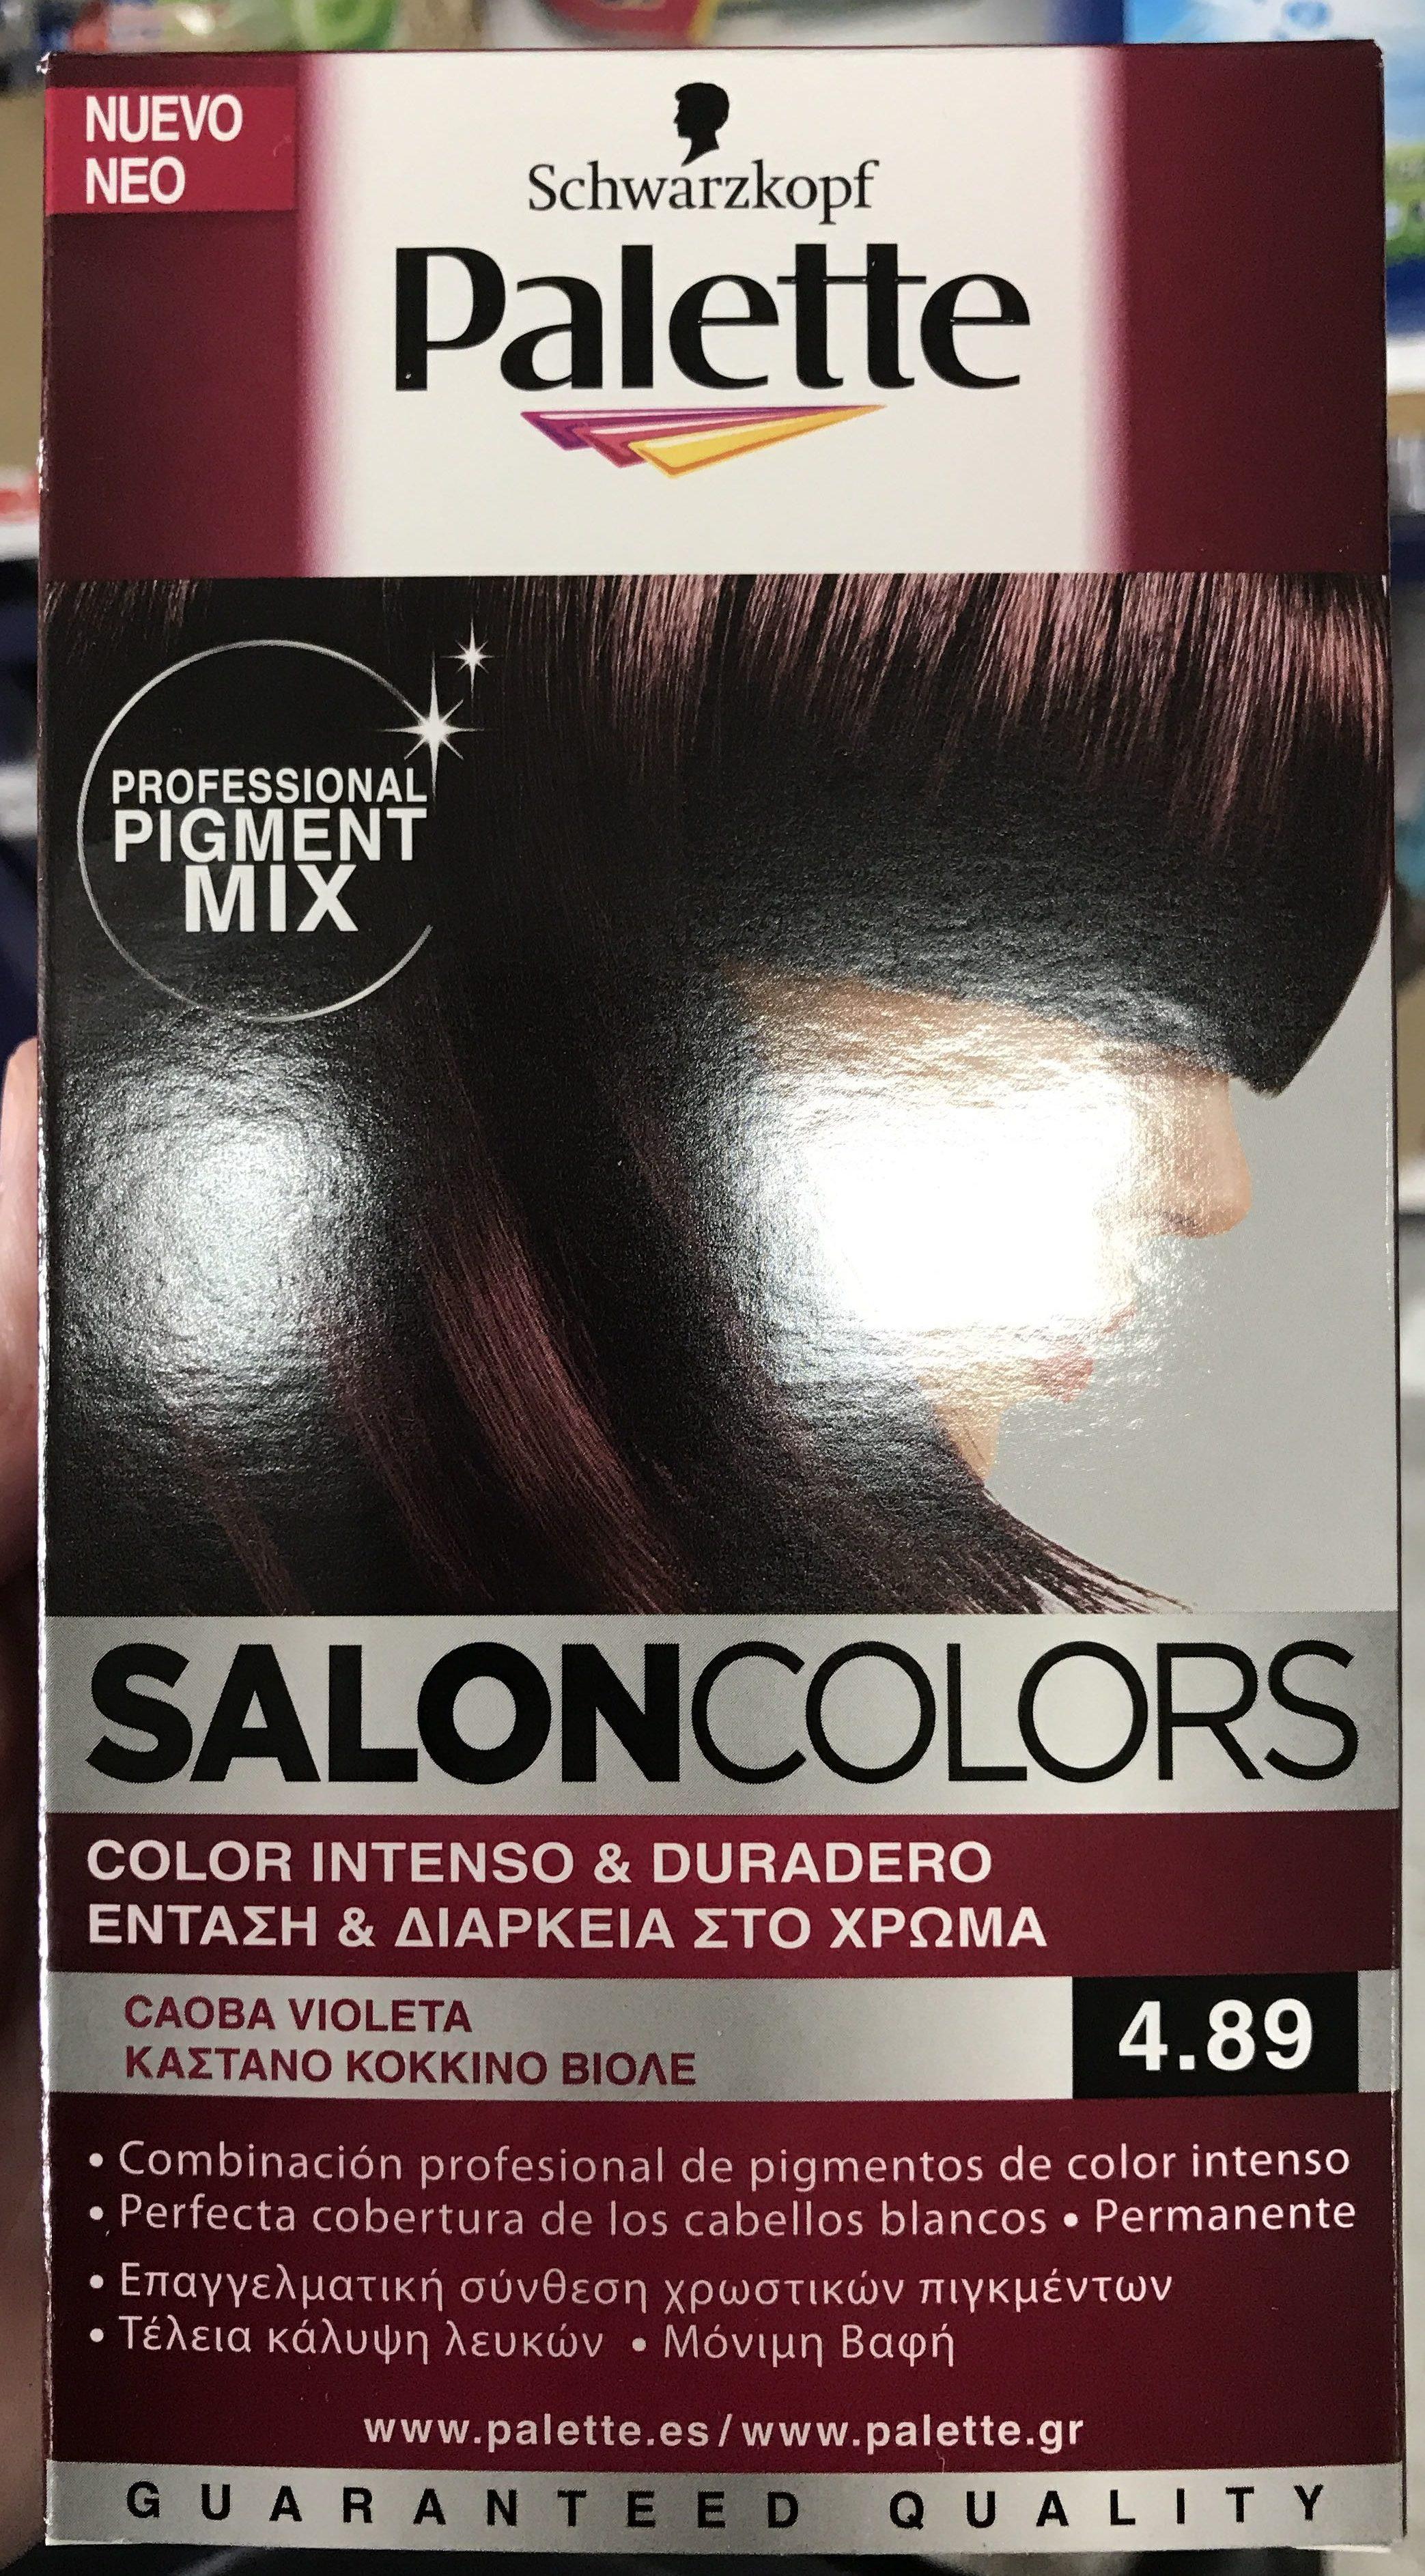 Palette Salon Colors 4.89 - Produit - fr